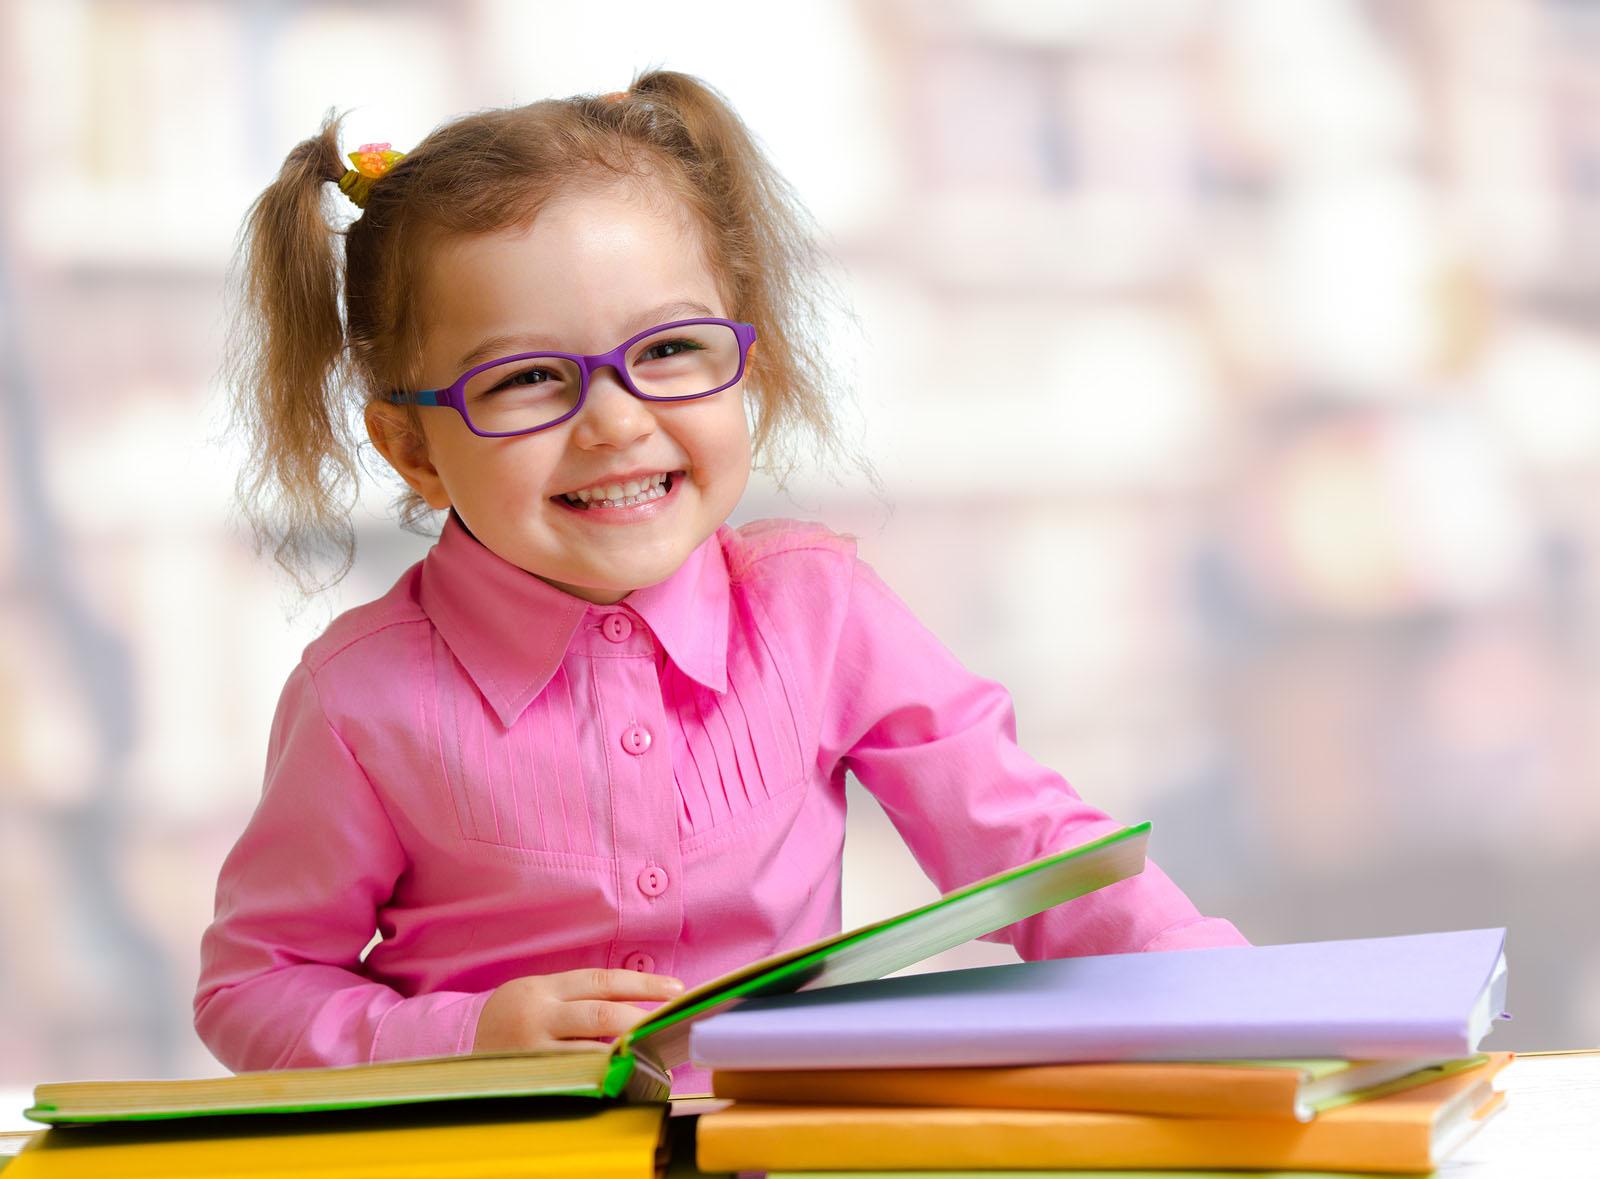 Уделяйте здоровью ребенка особое внимание